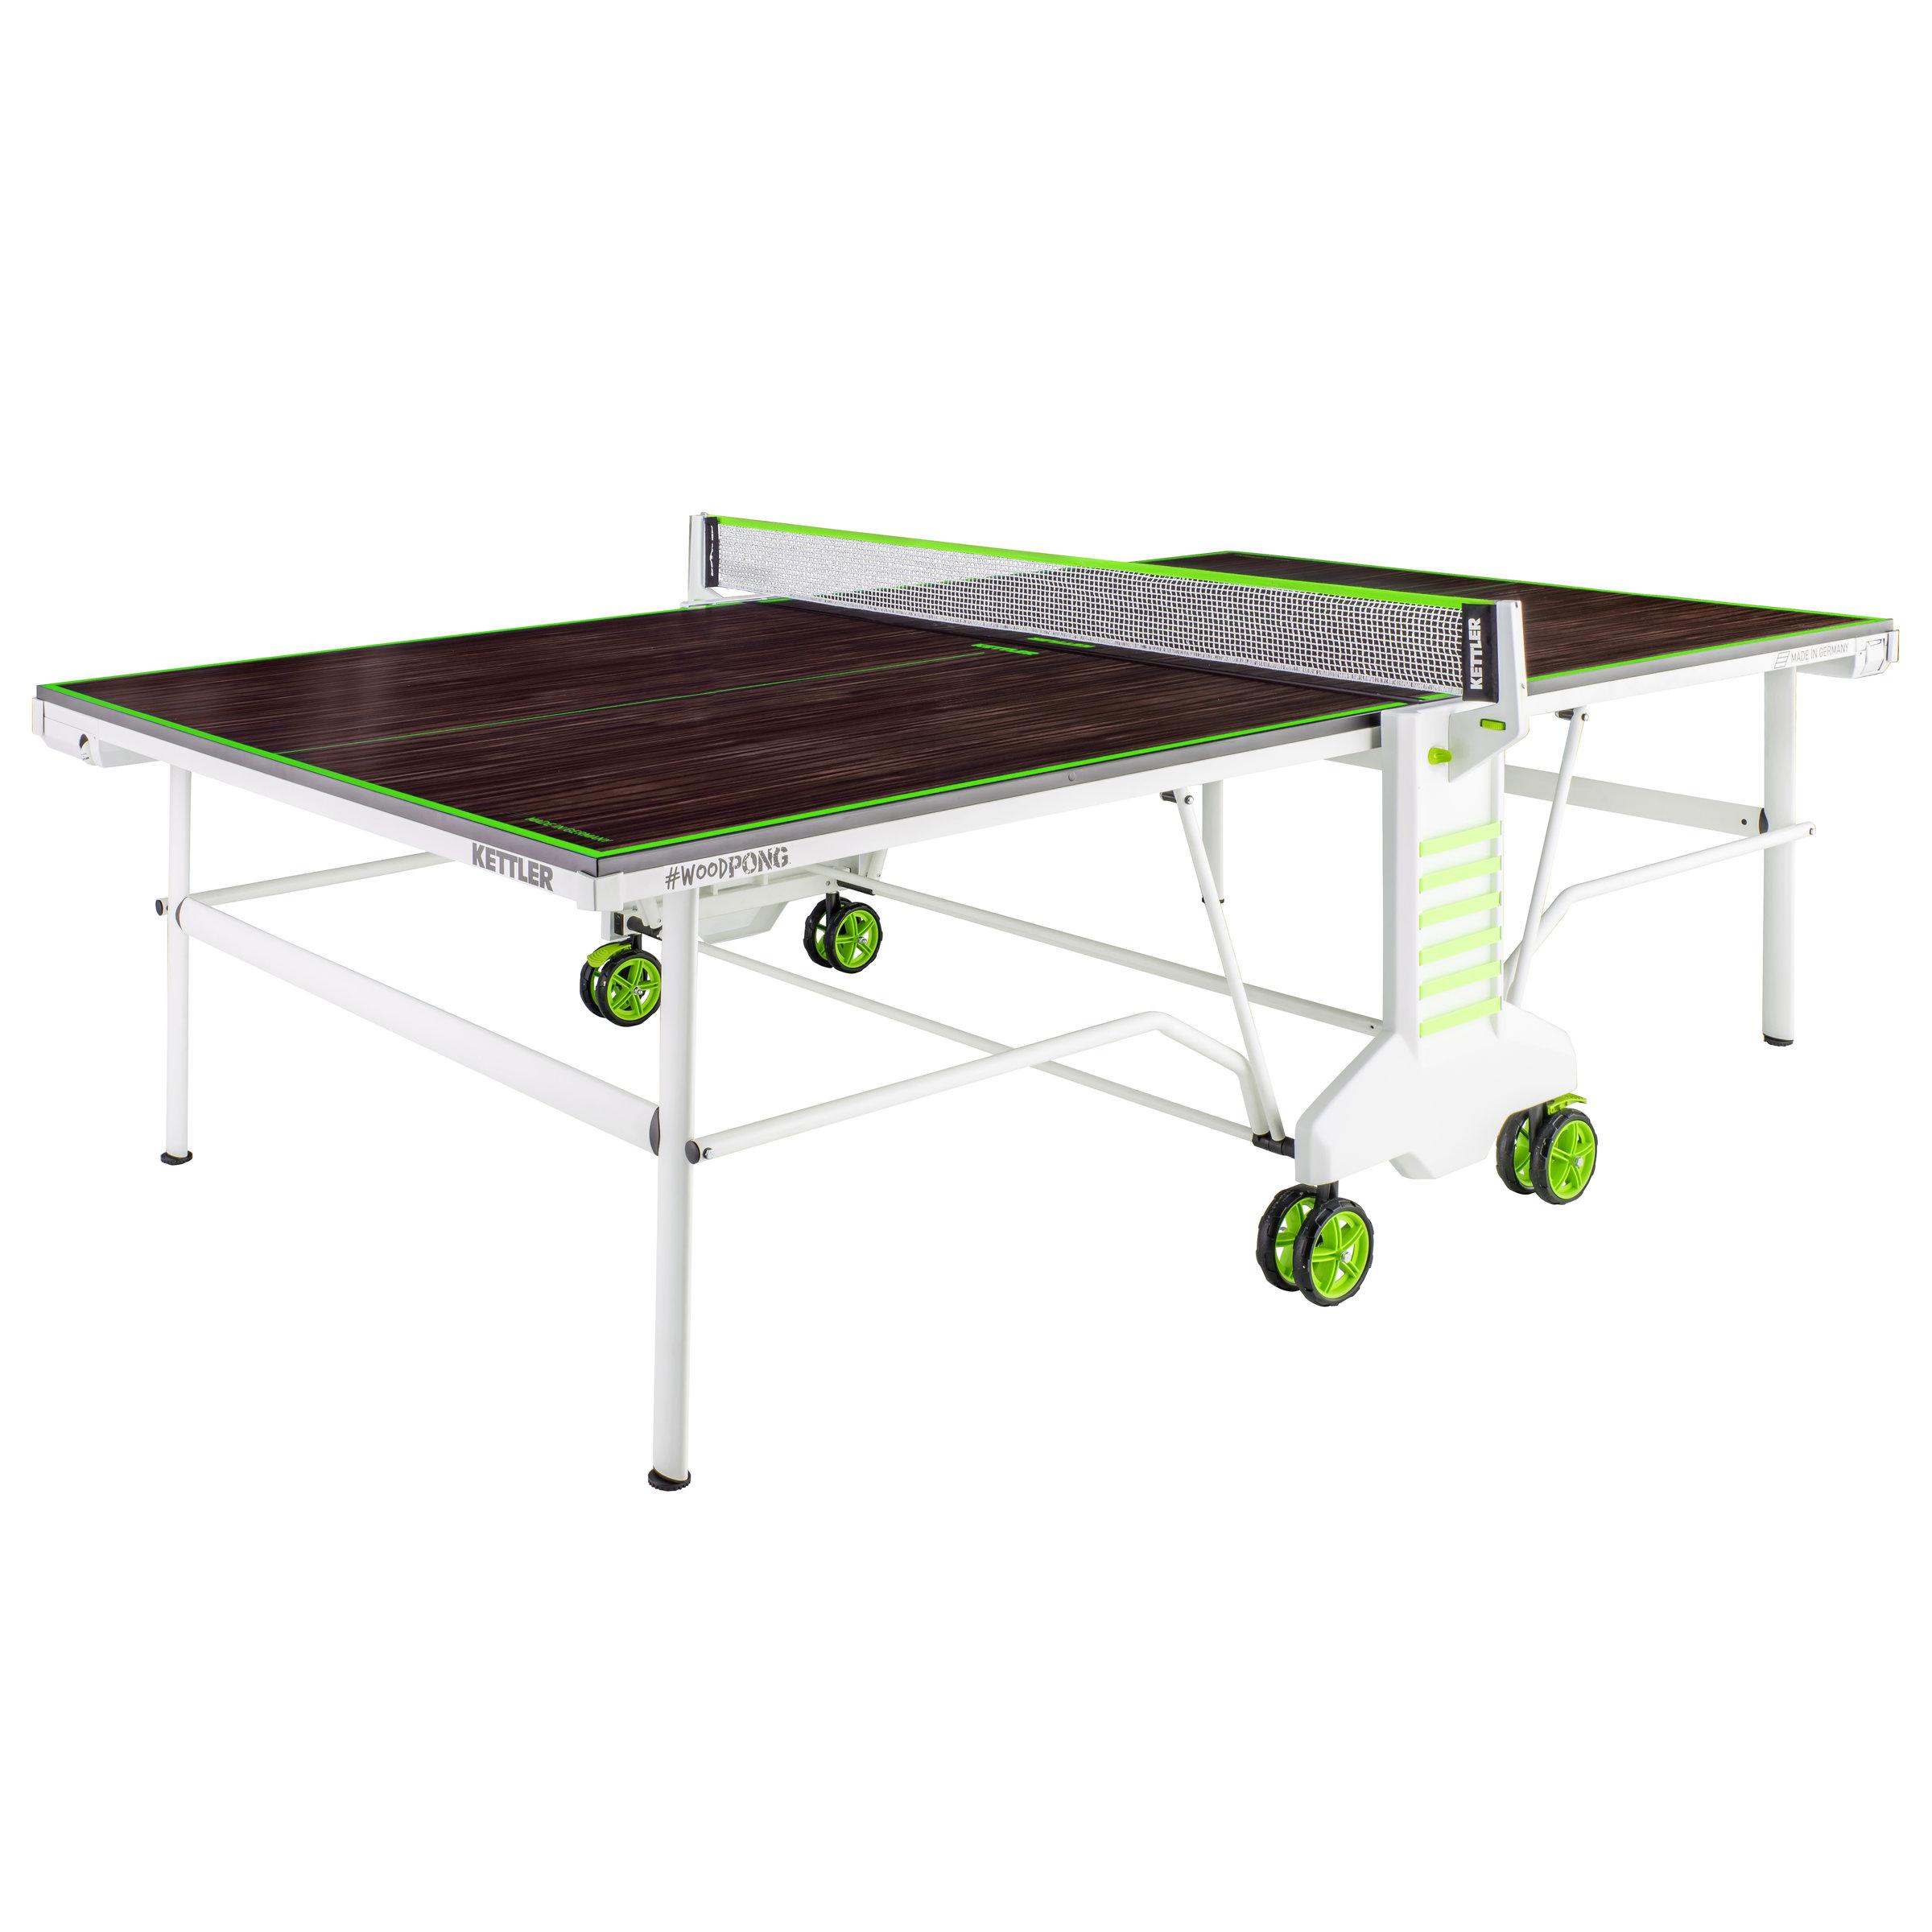 Pingpongový stůl venkovní KETTLER WOOD PONG + zajištění servisu u Vás doma a rozšířená záruka 60 měsíců ZDARMA